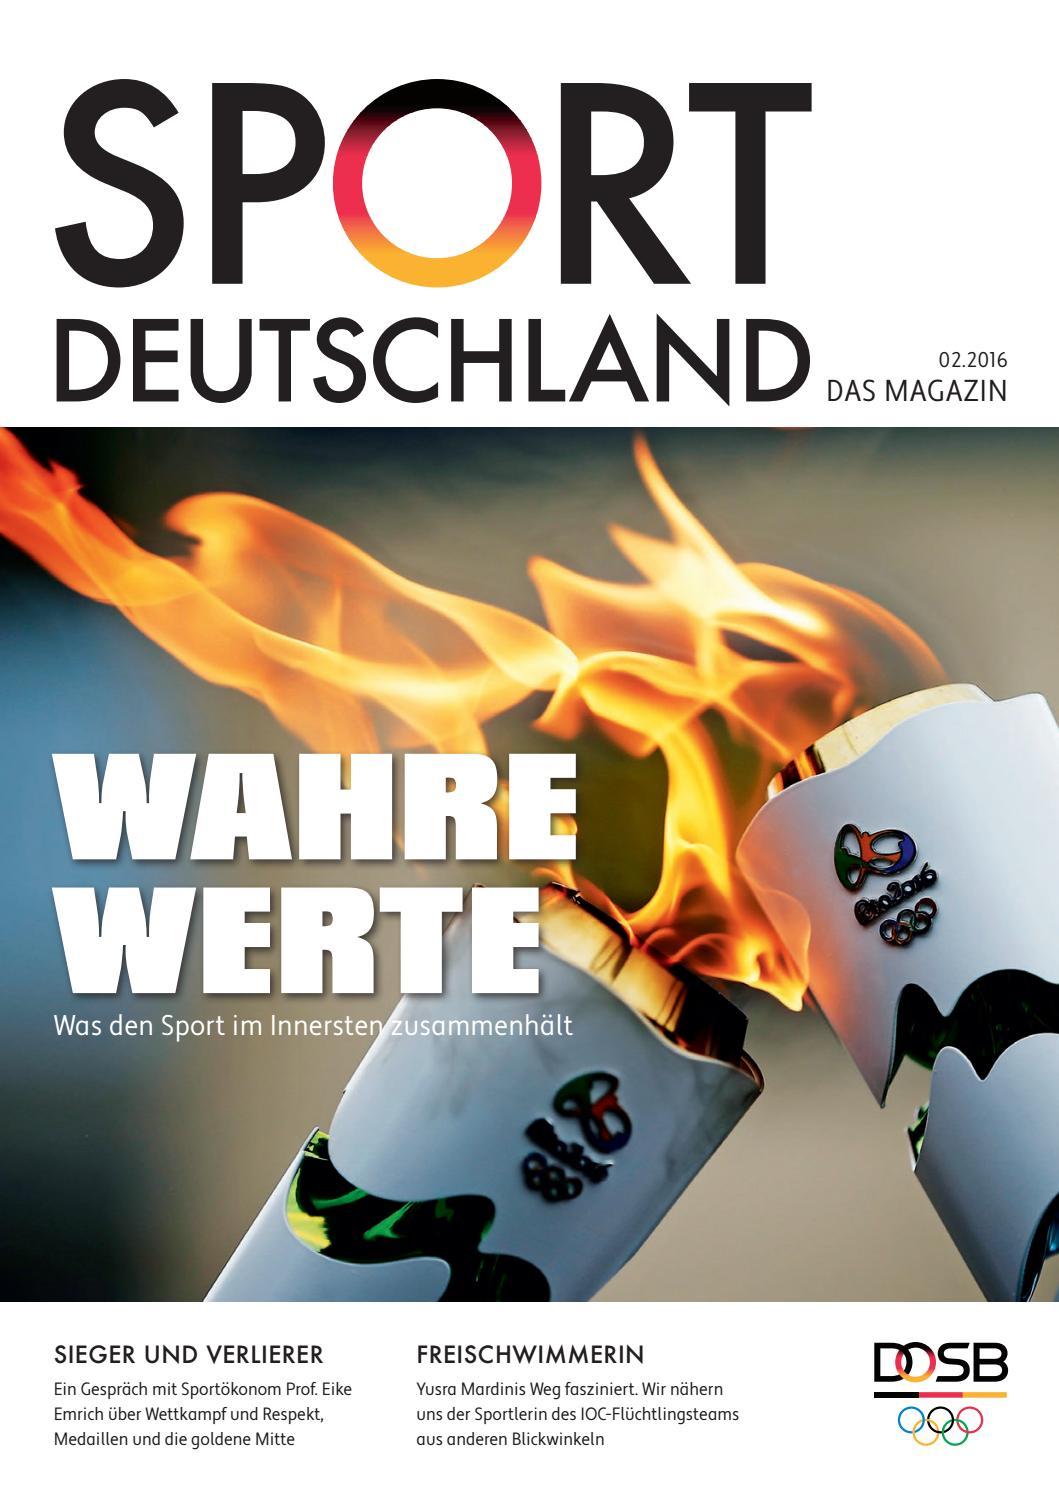 Sportdeutschland Das Magazin Ausgabe 2 16 By Deutsche Sport Marketing Gmbh Issuu